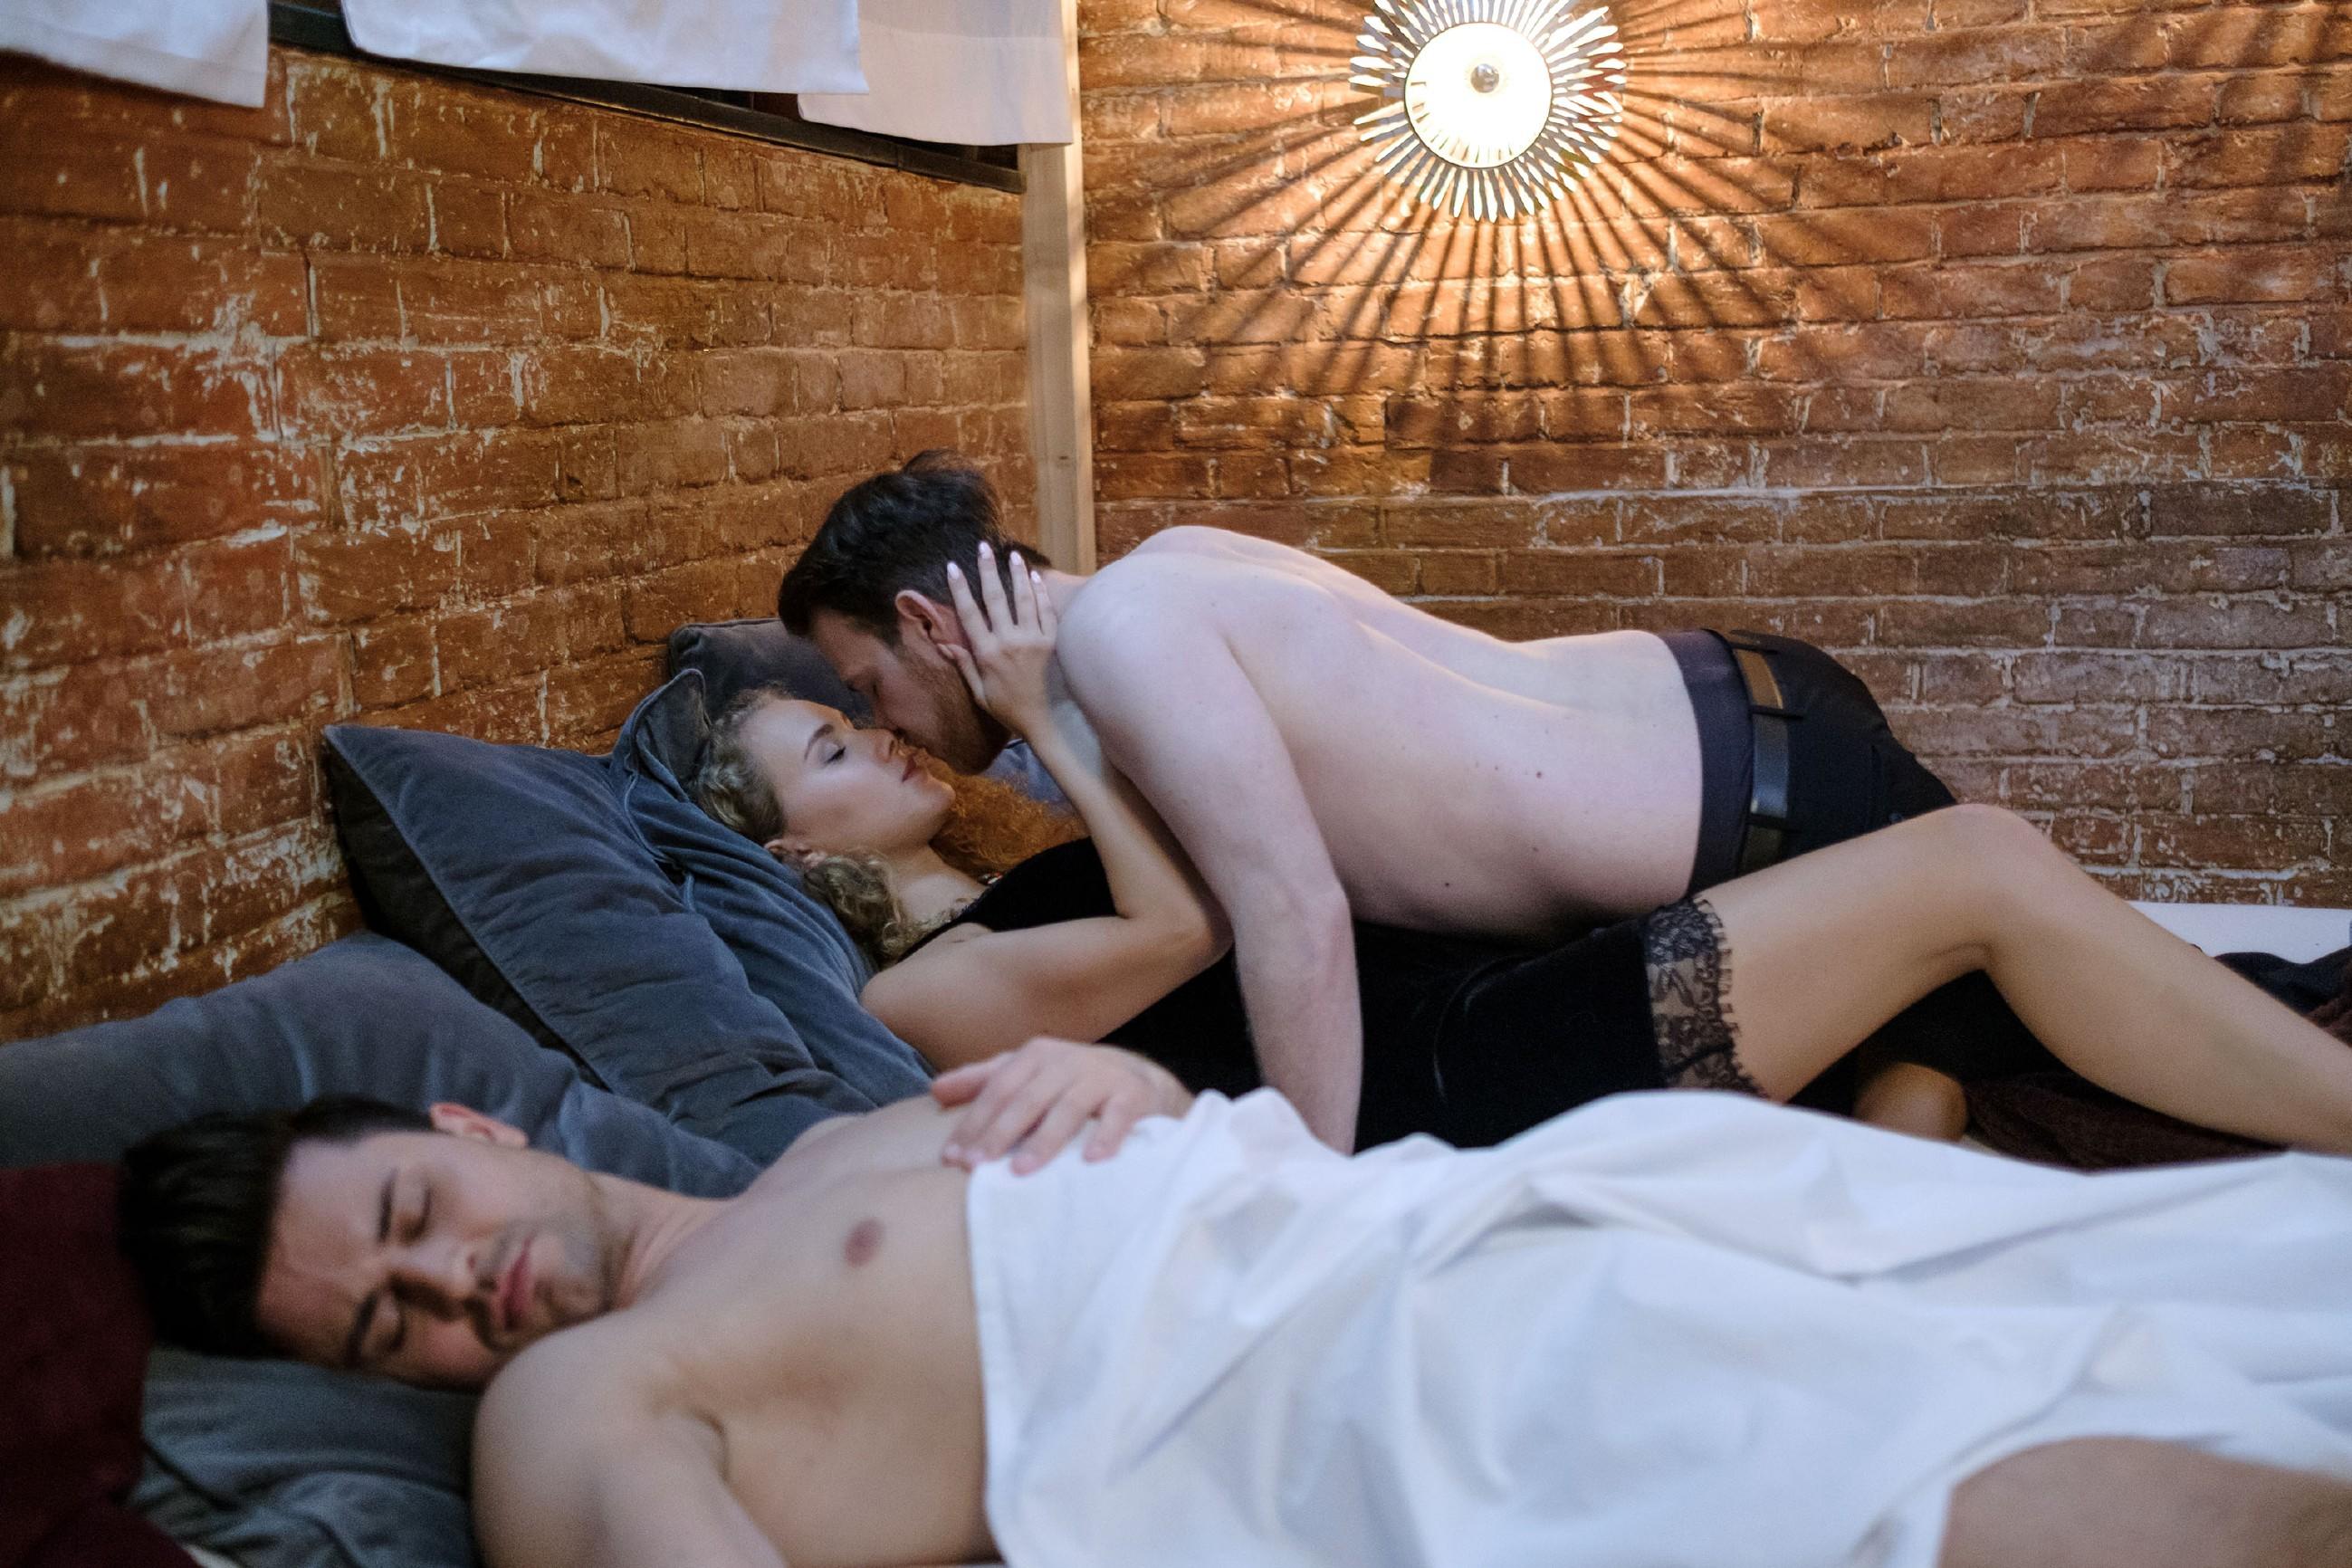 Das Video beweist, wie es wirklich war: Während Paco (Milos Vukovic, l.) in der Nacht nach der Party schlief, ist KayC (Pauline Angert) mit Tobias (Patrick Müller) im Bett gelandet... (Quelle: RTL / Stefan Behrens)